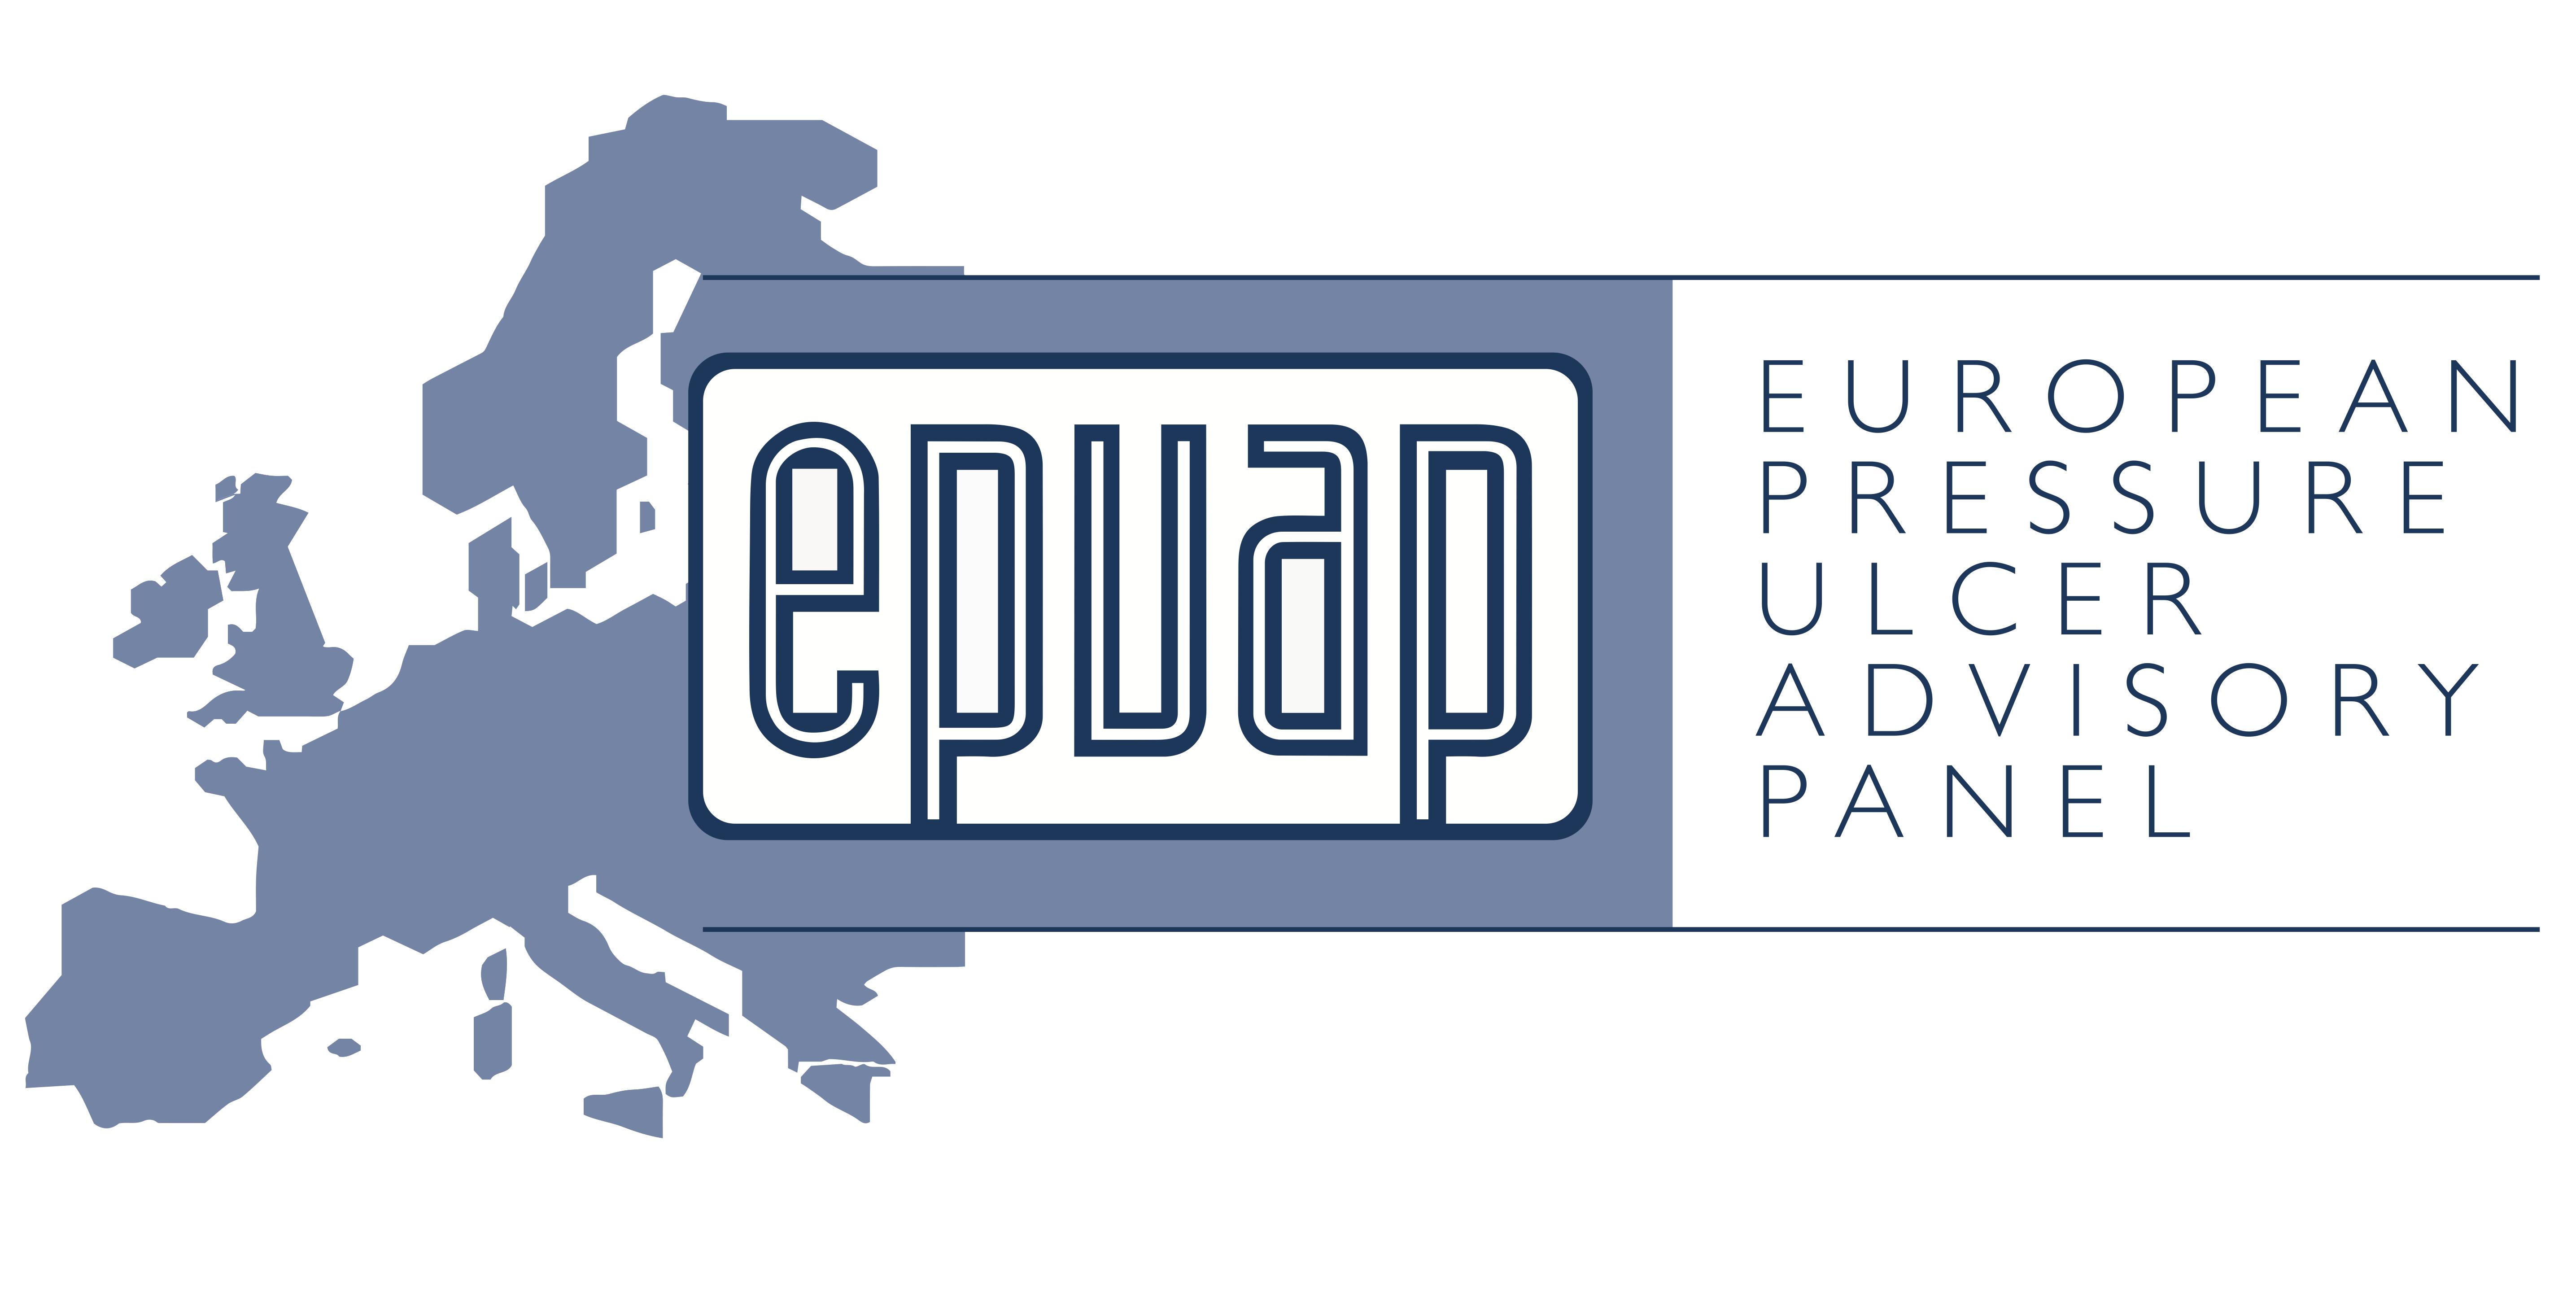 European Pressure Ulcer Advisory Panel